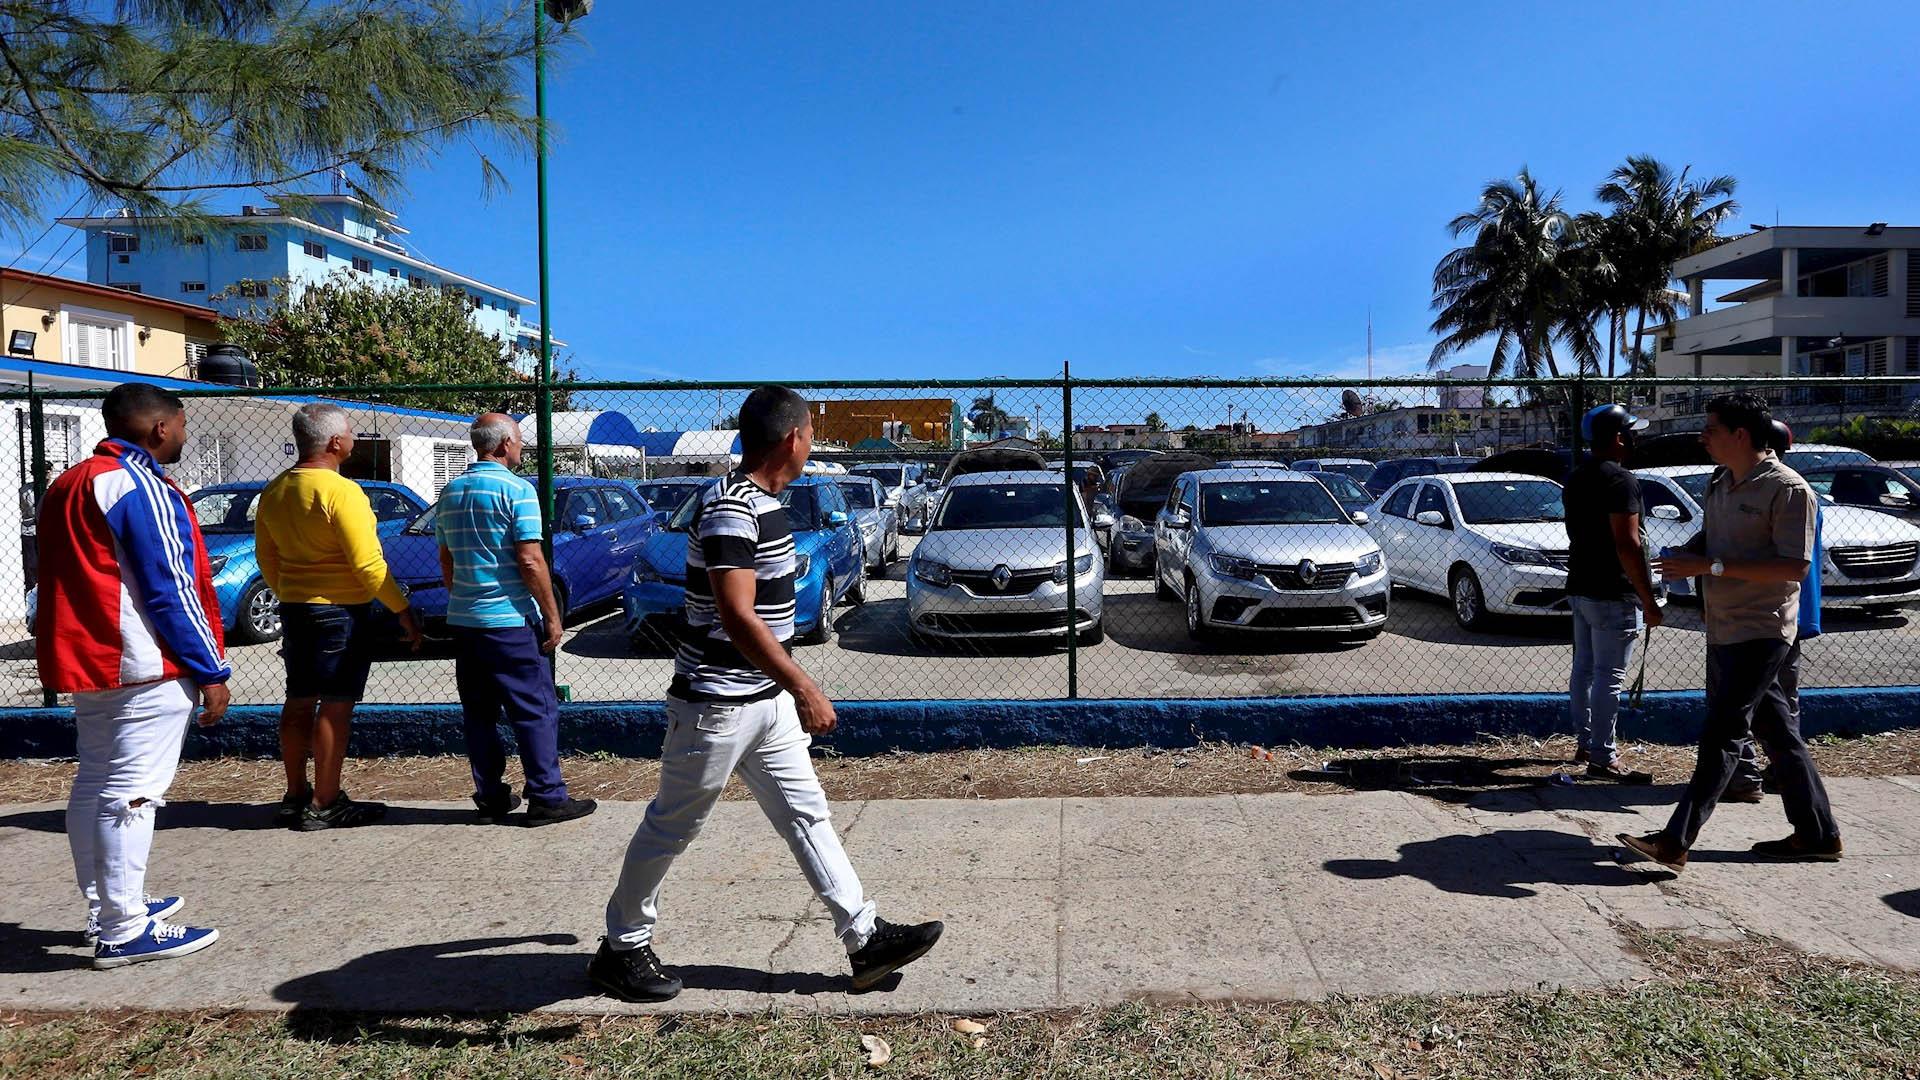 Cuba autos segunda mano venta 2